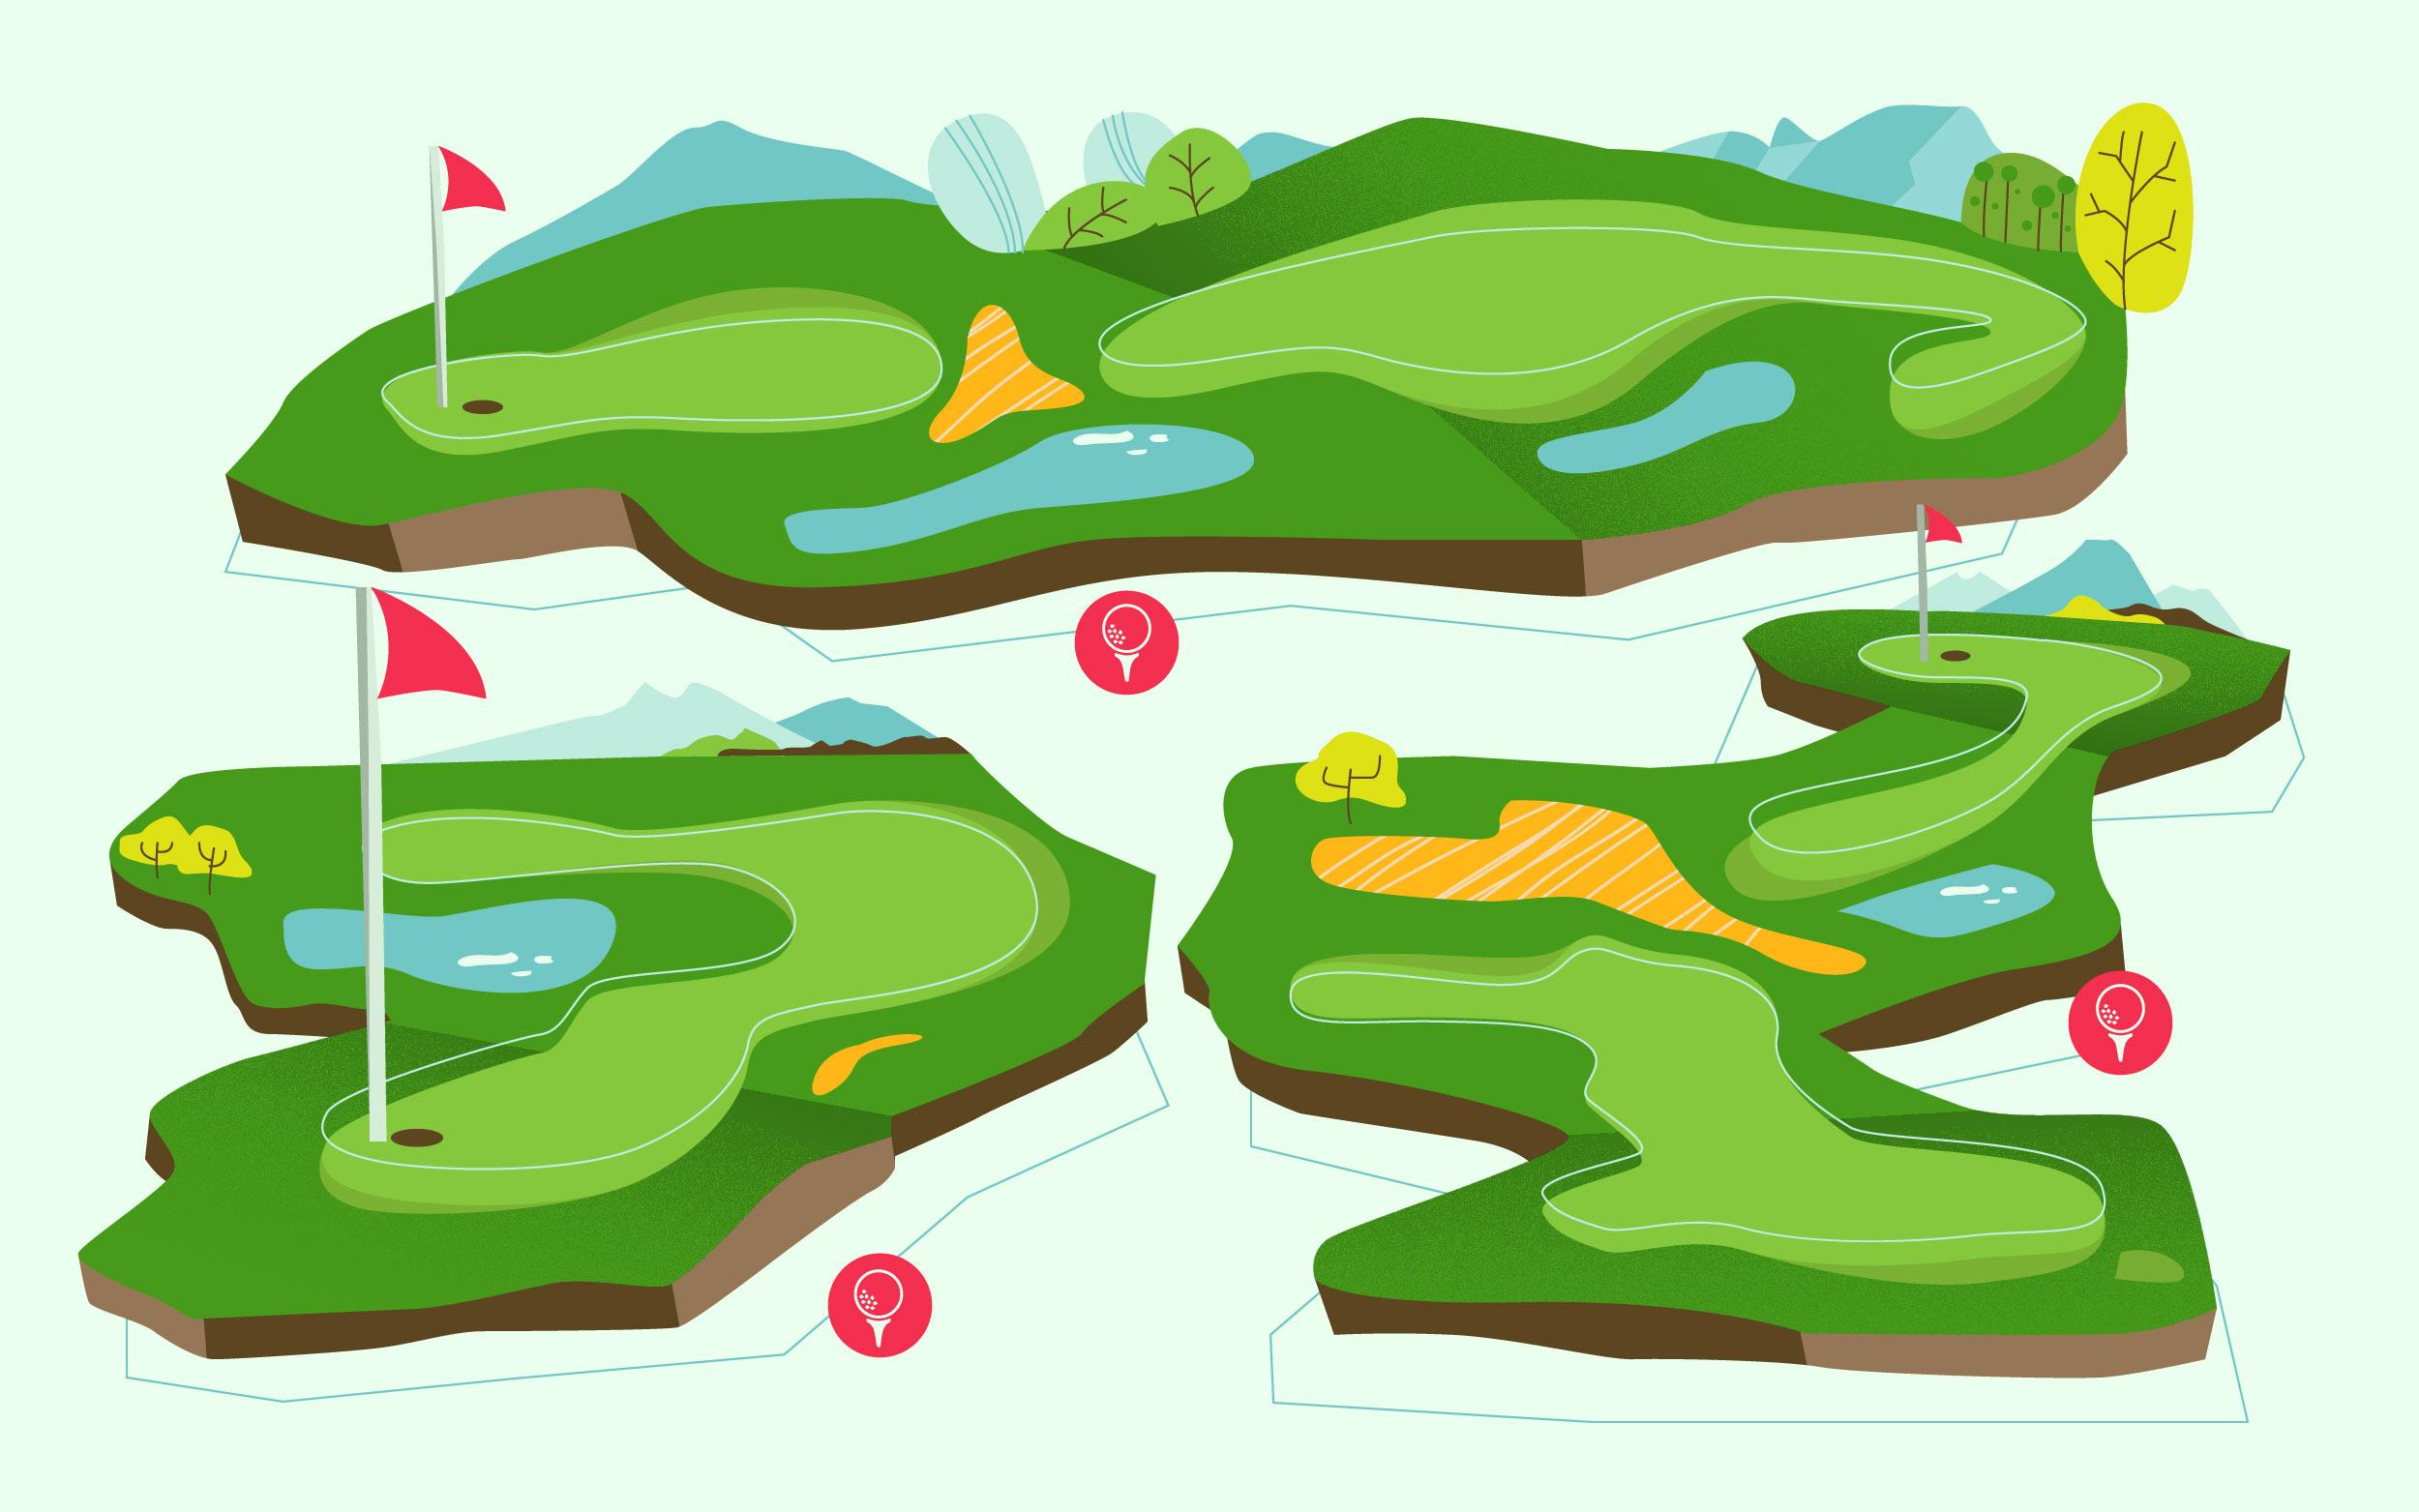 Golf Tournament Free Vector Art - (2020 Free Downloads) Golf Ball On Tee Clipart